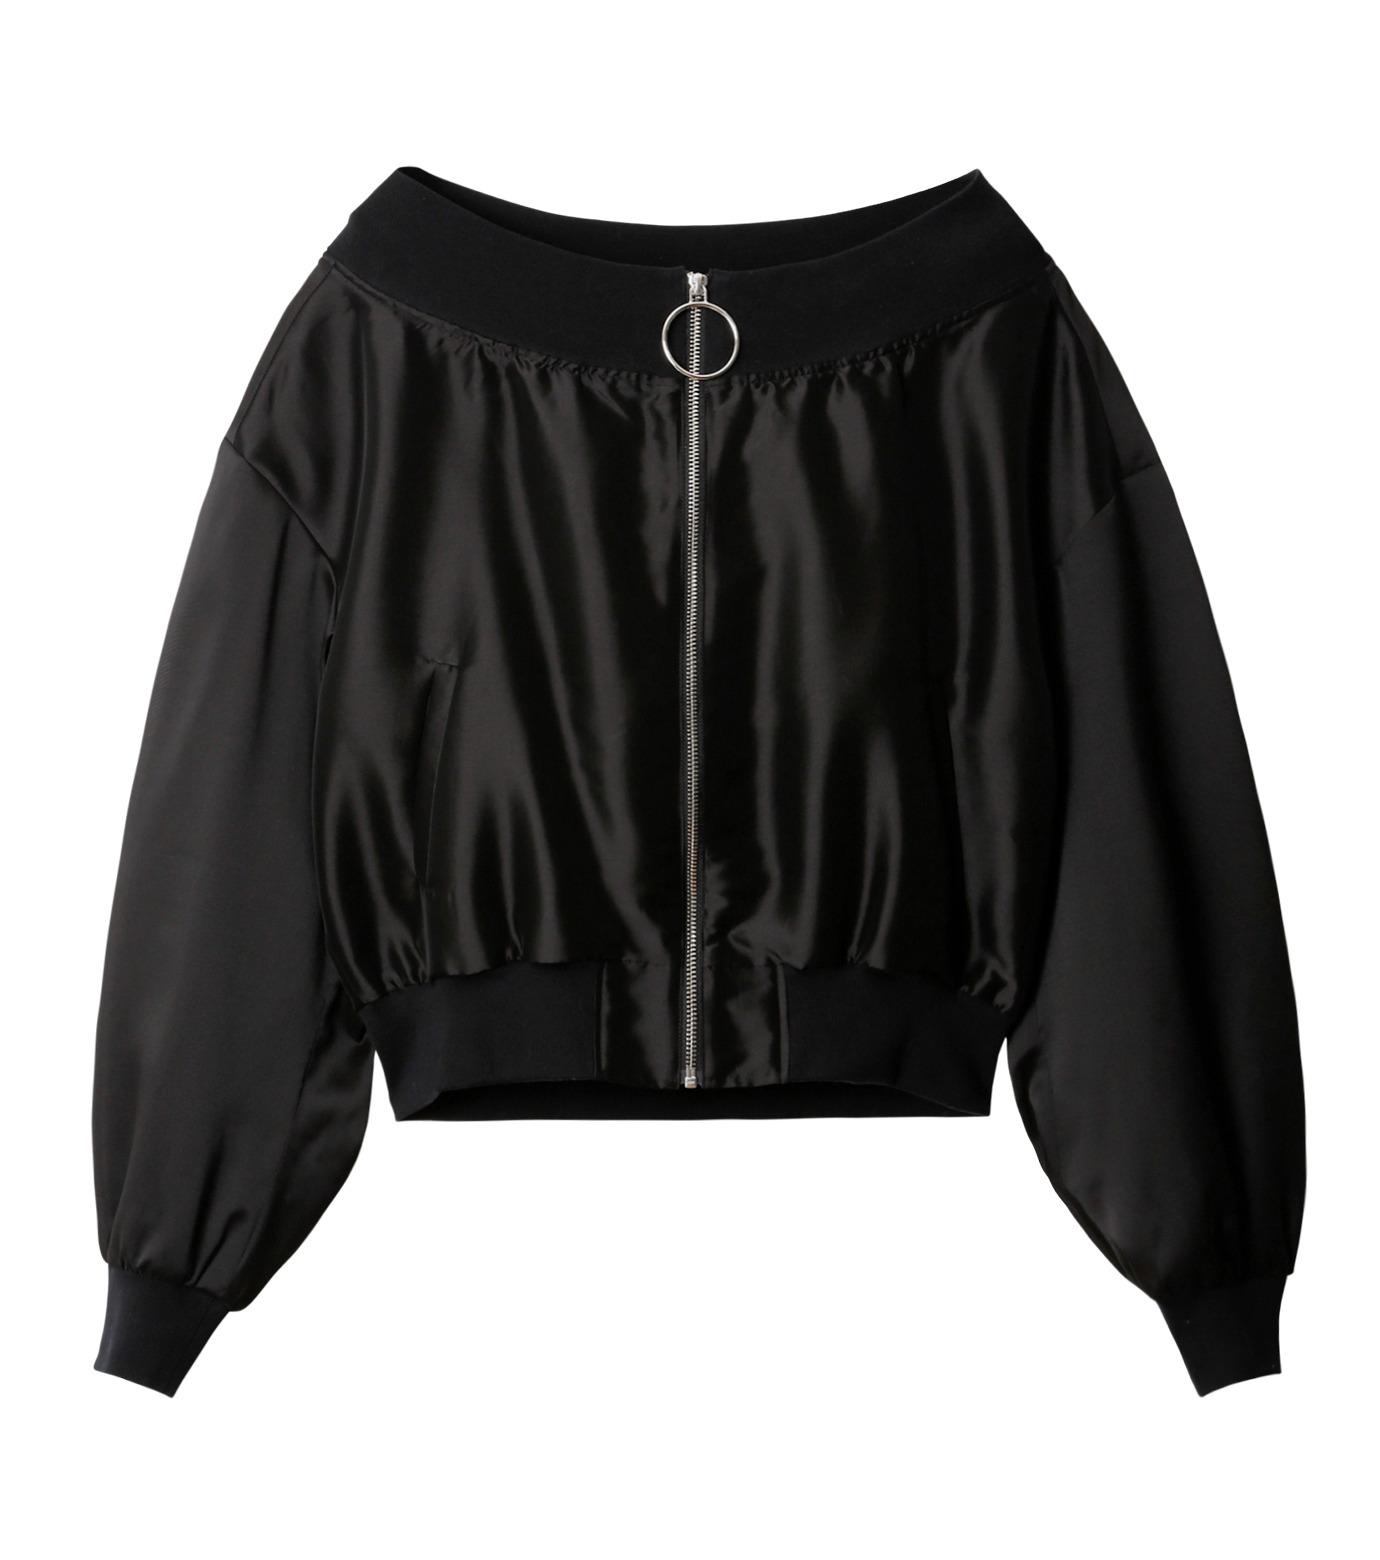 LE CIEL BLEU(ルシェルブルー)のシアーオフショルダーブルゾン-BLACK(ジャケット/jacket)-18A64003 拡大詳細画像5